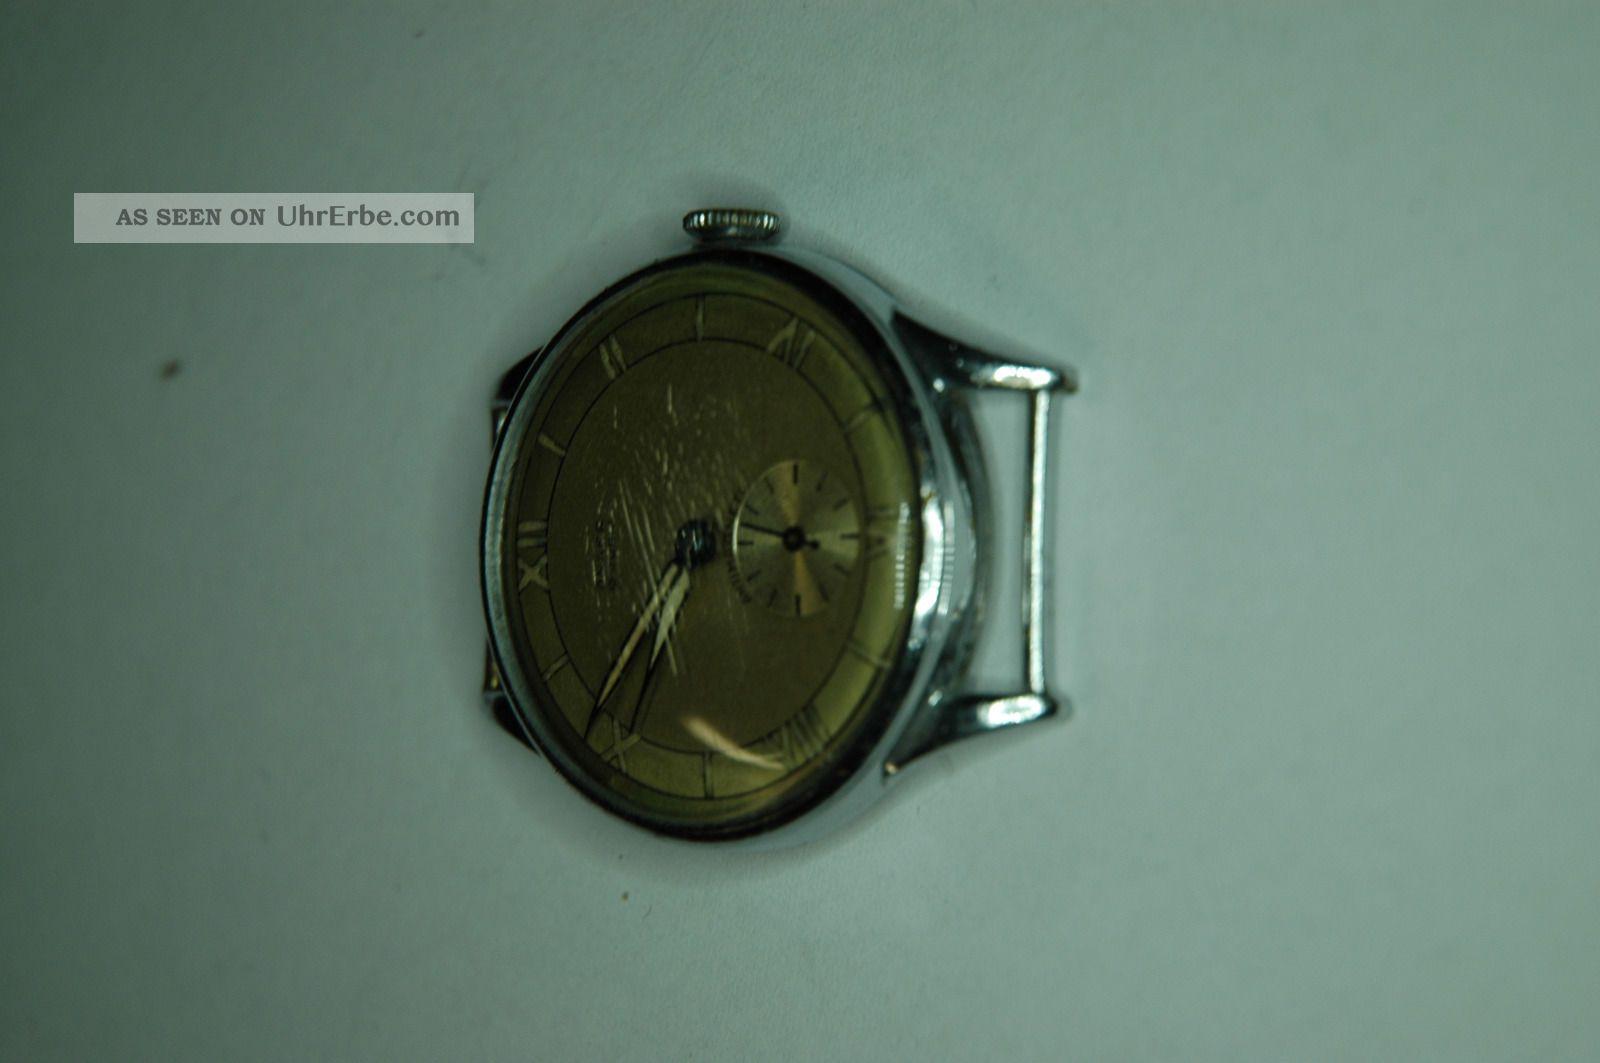 Armbanduhr Der Marke,  Anker,  Oldtimmer,  Jubiläumsuhr Von 1945. Armbanduhren Bild